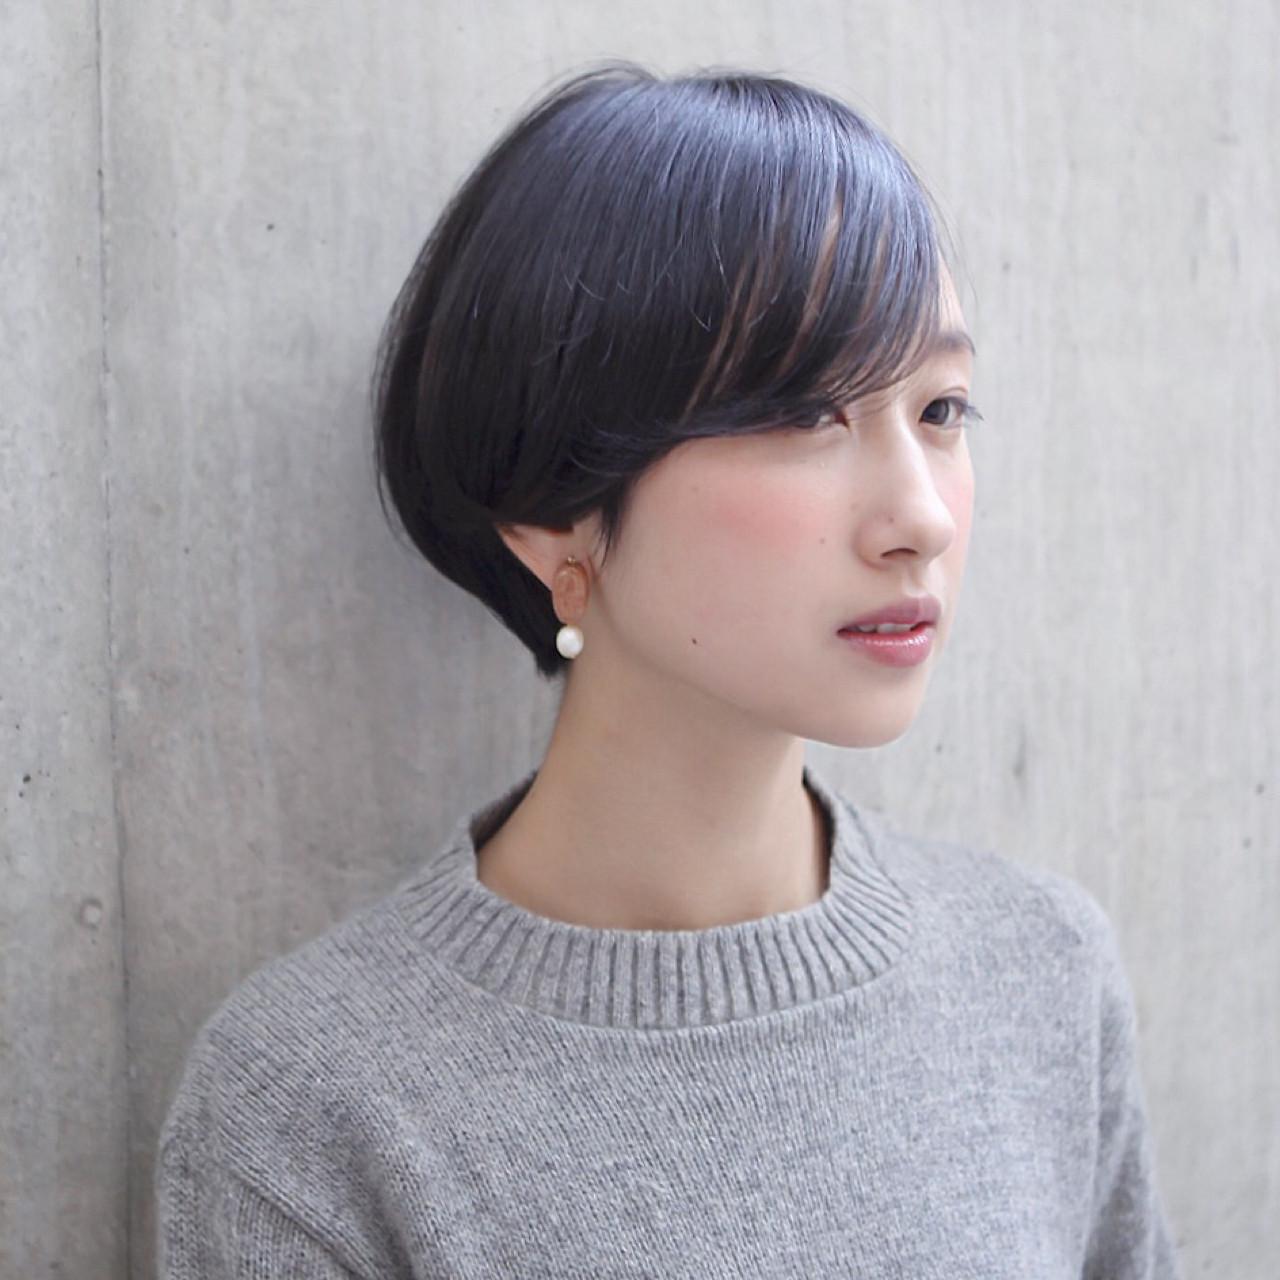 透明感 ショートボブ ショート ナチュラル ヘアスタイルや髪型の写真・画像 | タカハシ アヤミ / trail by ROVER